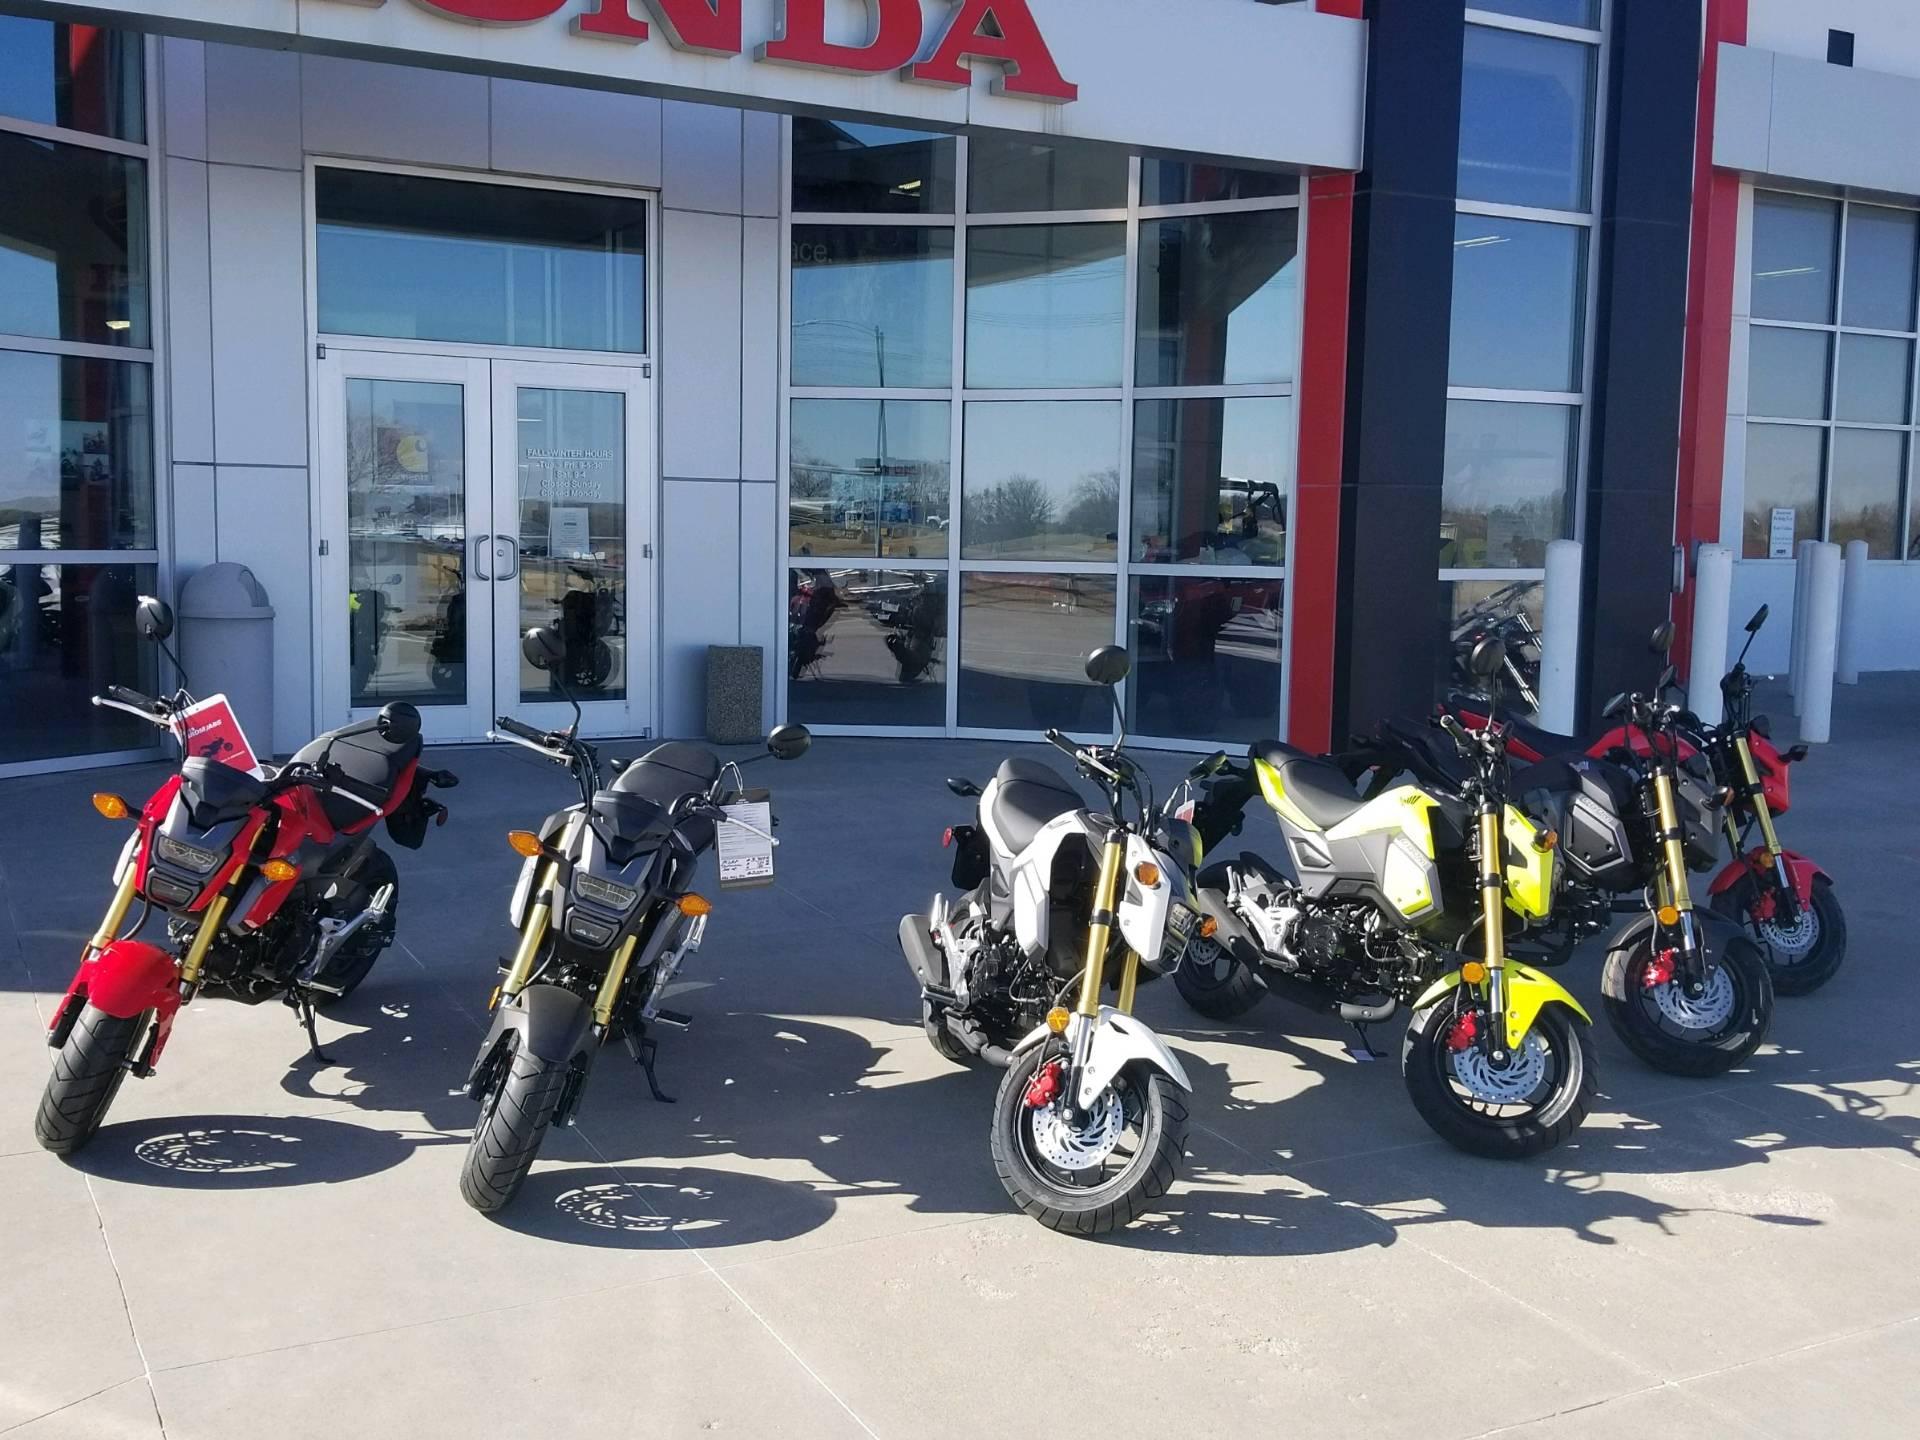 2018 Honda Grom Motorcycles Roca Nebraska 2018GROM125J